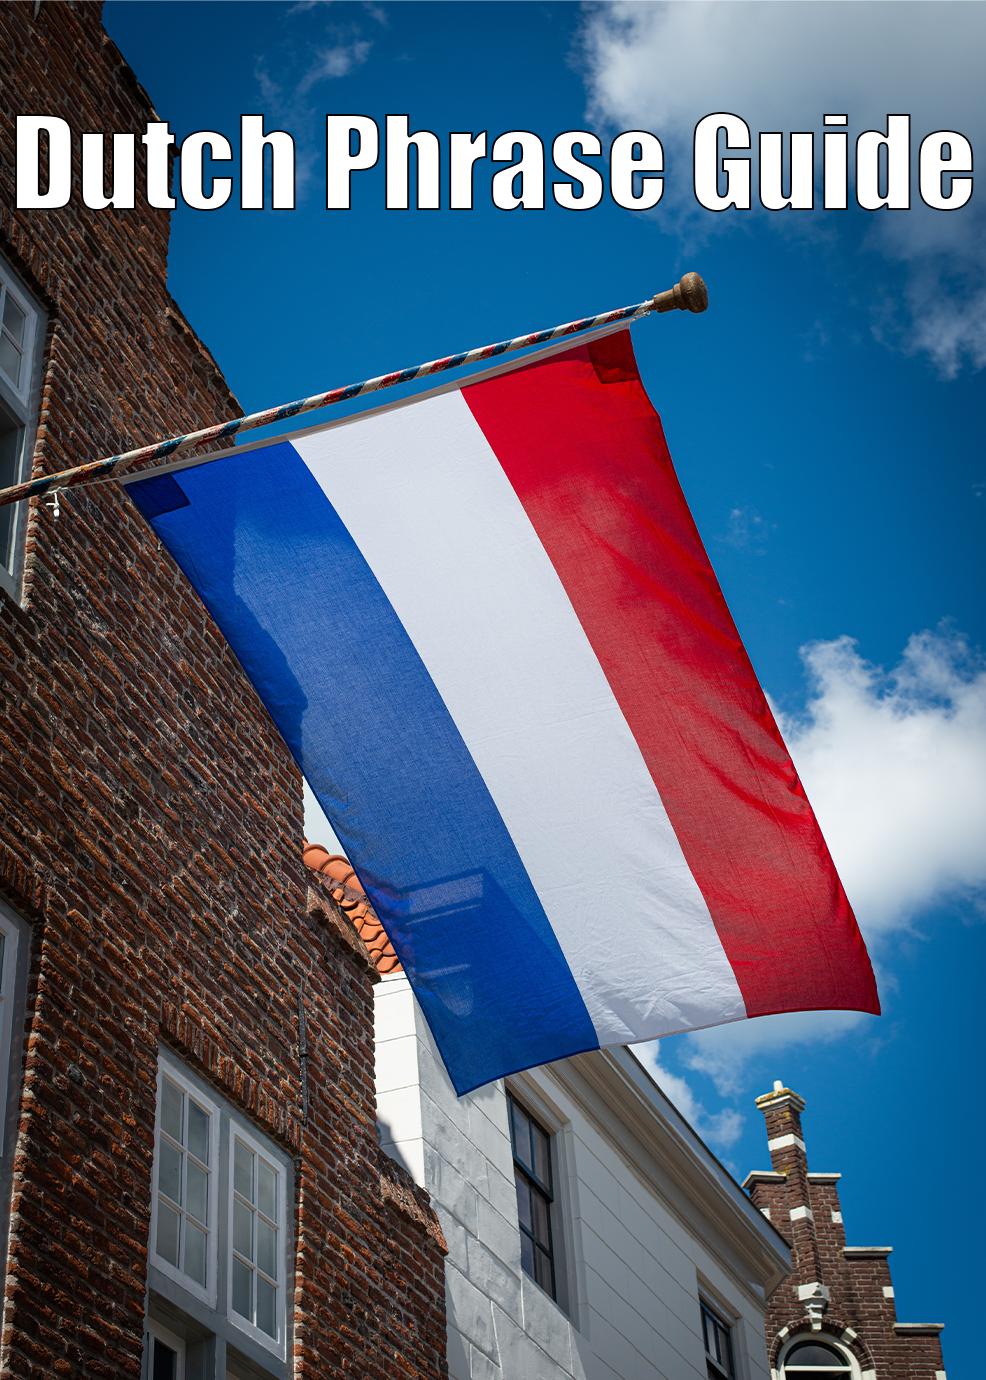 Dutch Phrase Guide